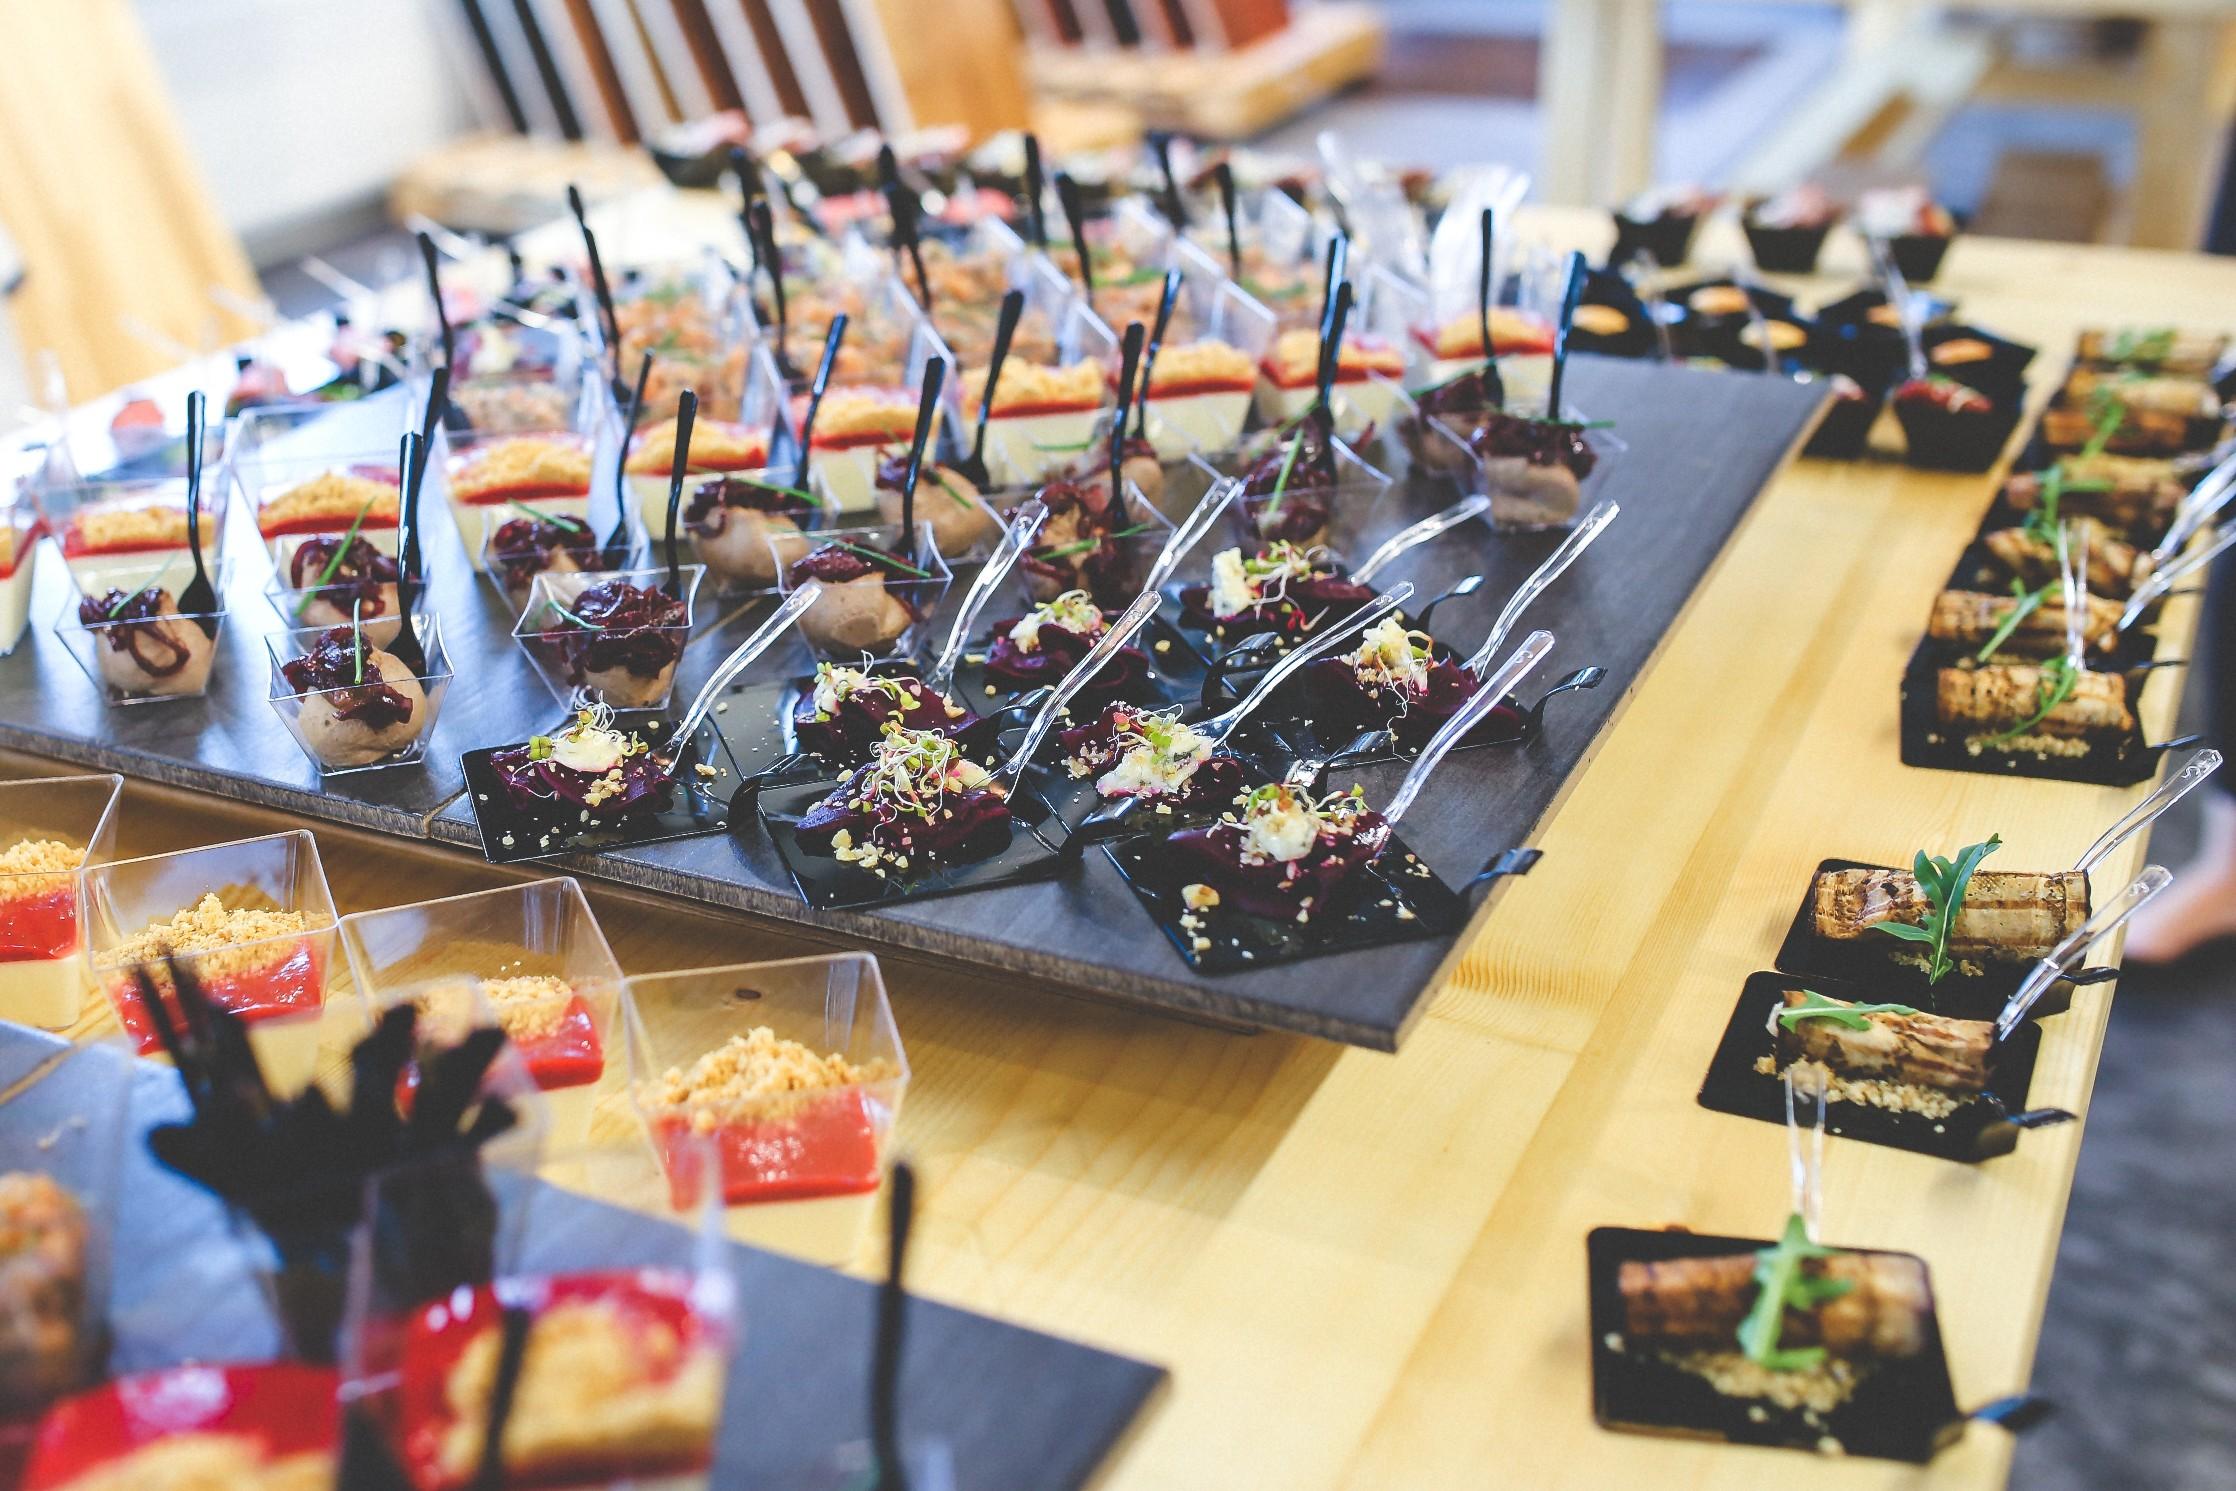 Välj ett cateringföretag Stockholm som har maten, lokalerna och idéerna | Biztrends